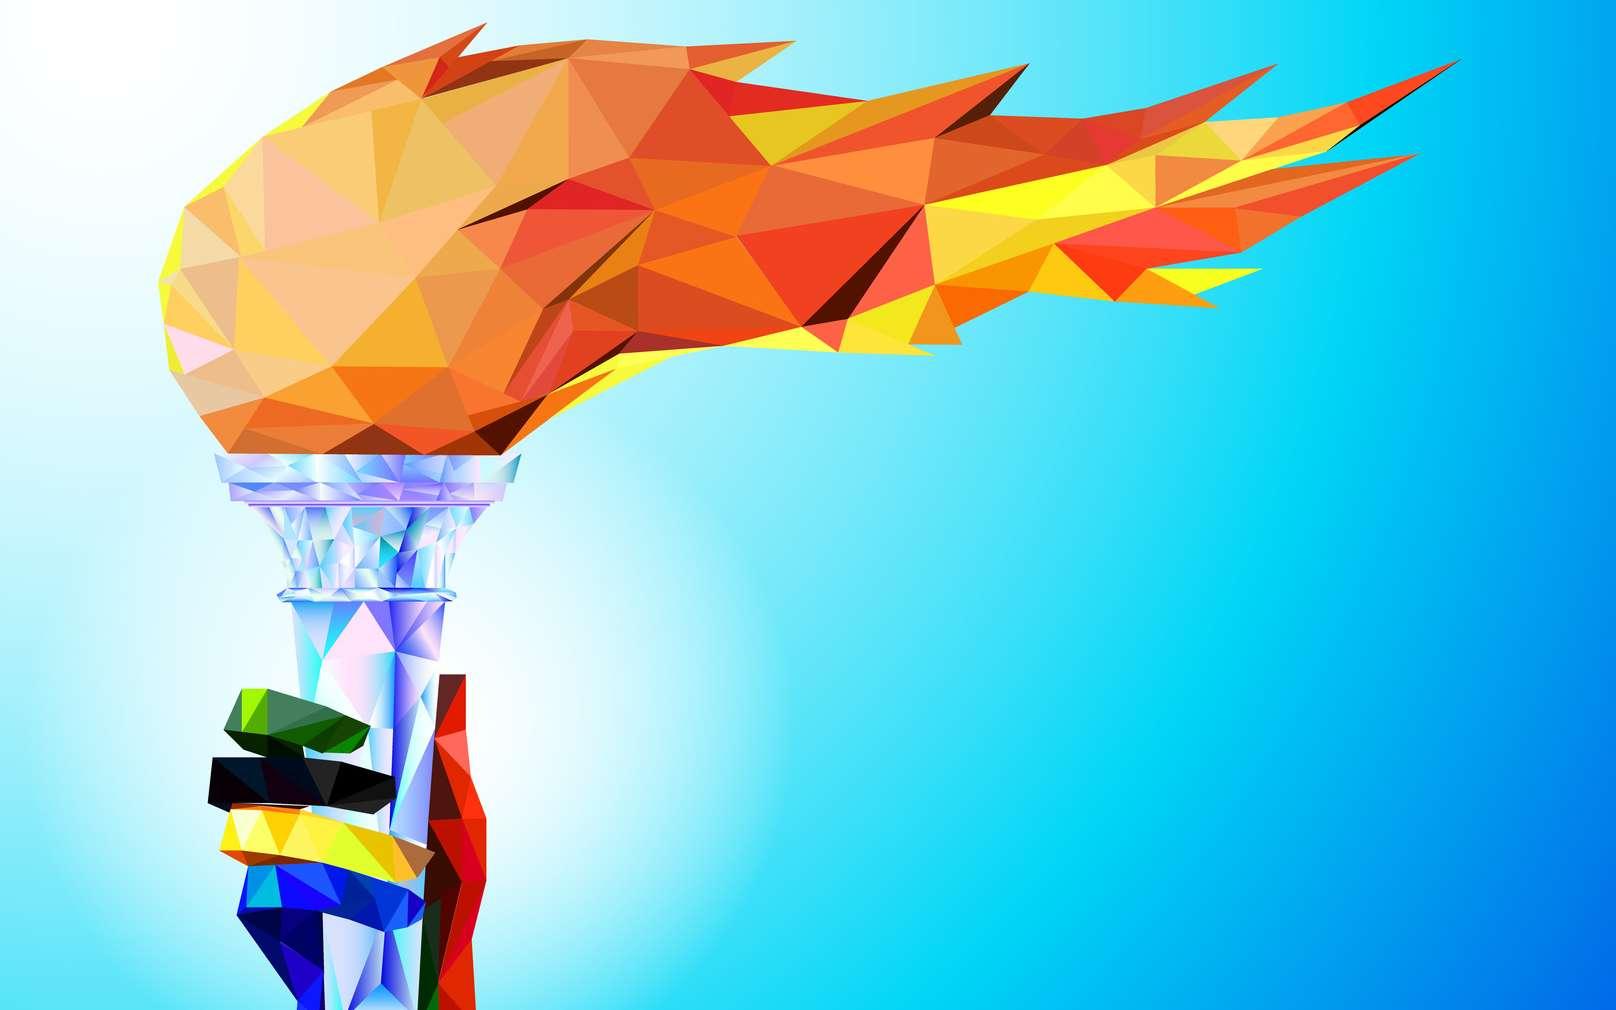 Les Jeux olympiques (JO) d'hiver à Pyeongchang, en Corée du Sud, s'ouvriront vendredi 9 février. Des chasseurs de drones et des avions physionomistes seront là pour la sécurité. © KirillS, Fotolia